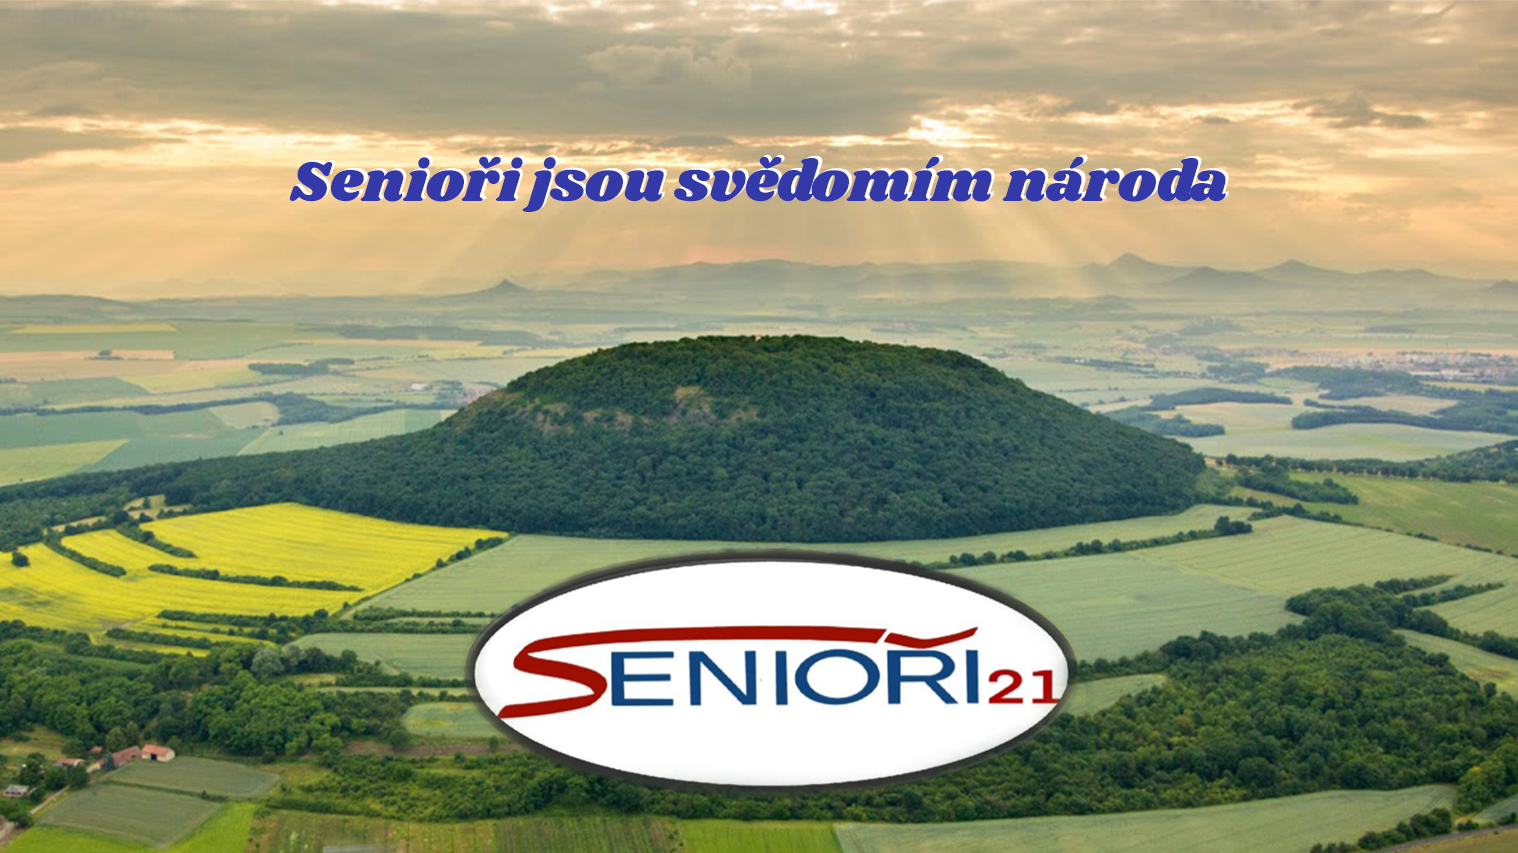 senioři 21